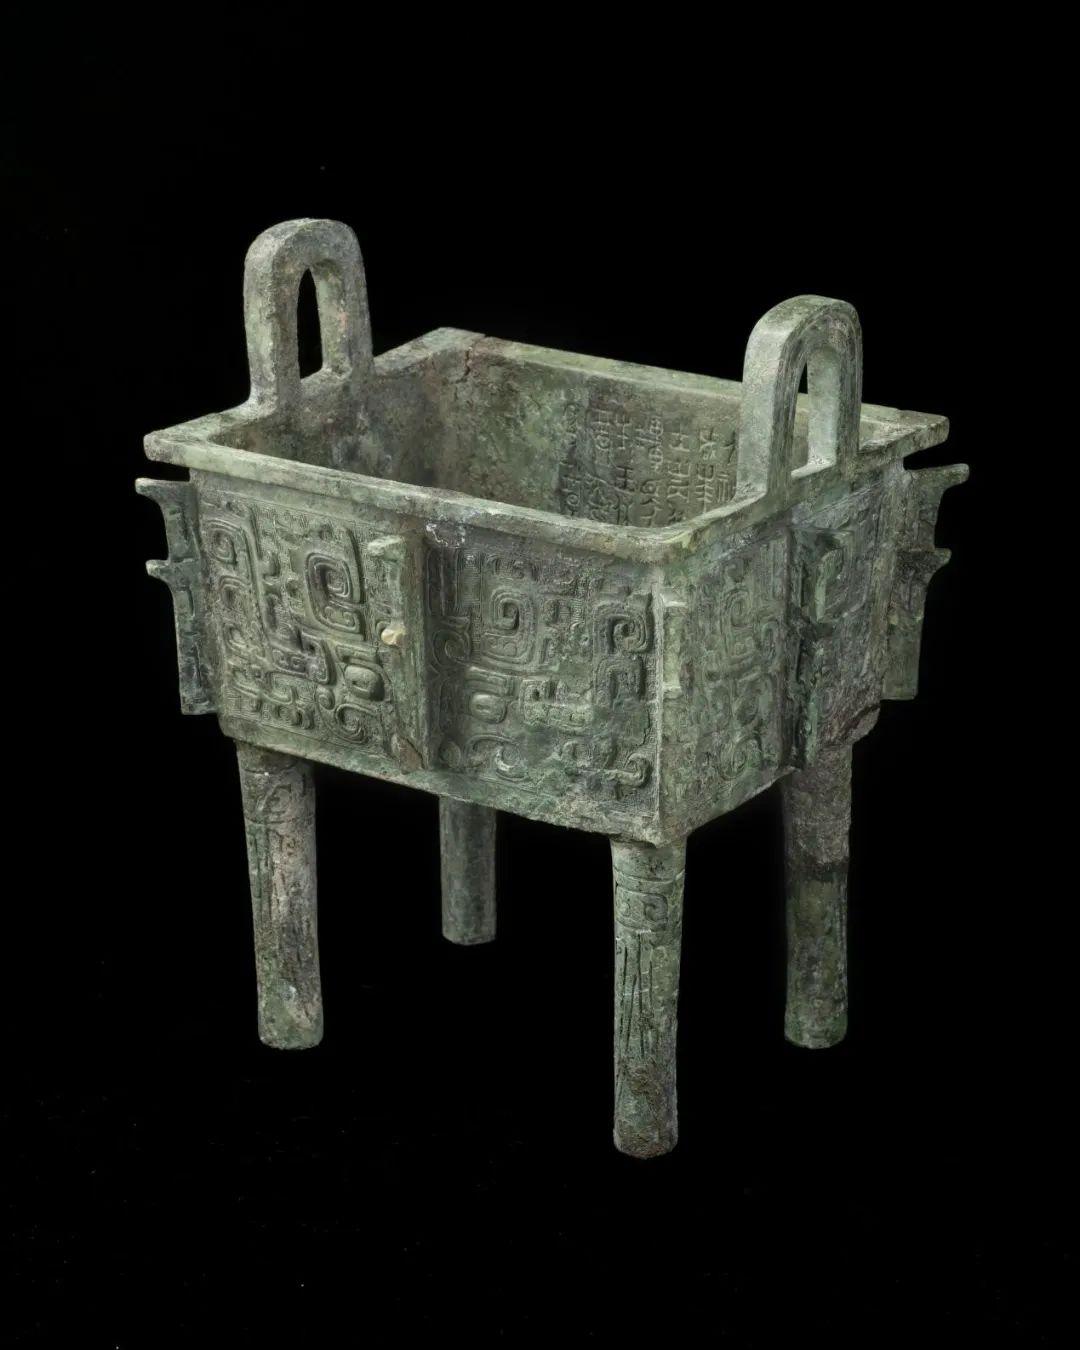 叔虞方鼎出土地点:天马-曲村晋侯墓地M114年代:西周早期收藏单位:北京大学赛克勒考古与艺术博物馆